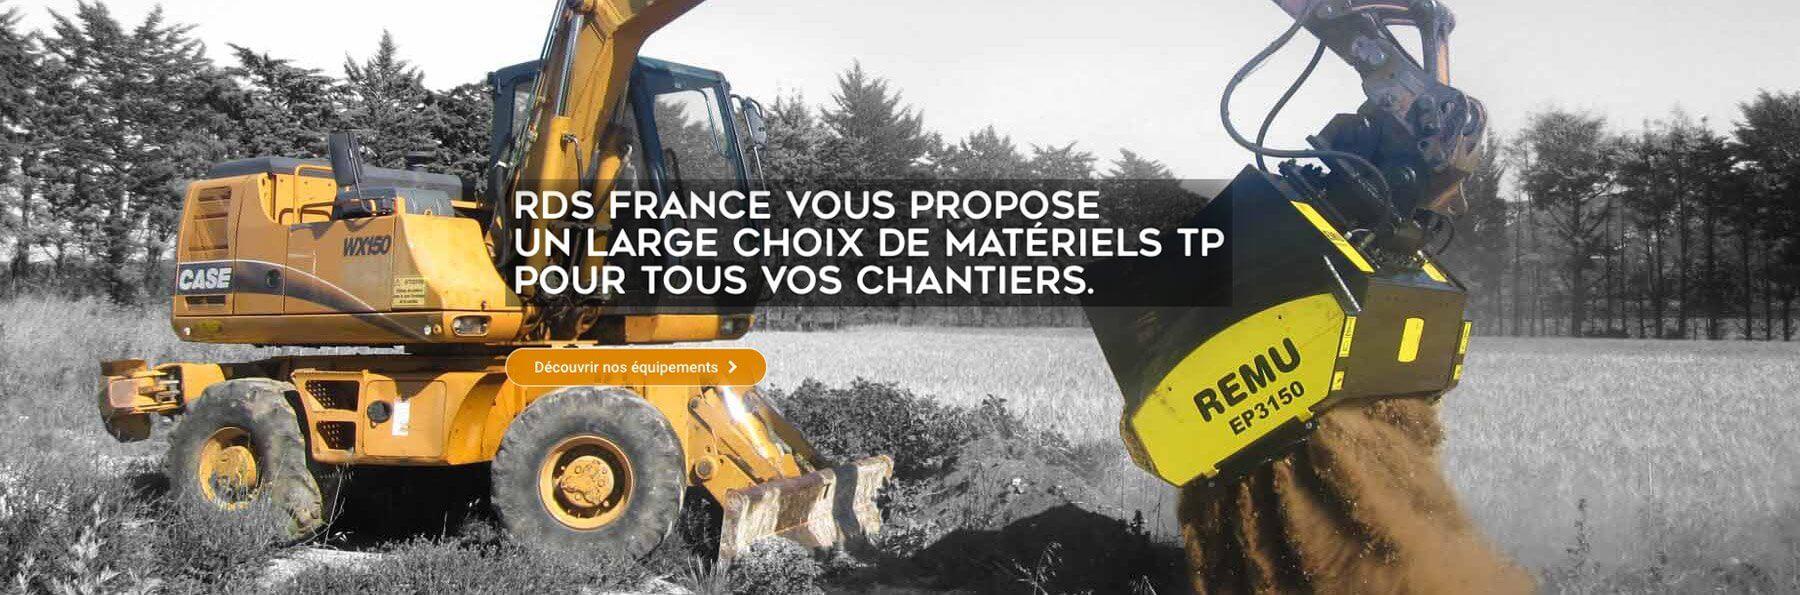 RDS France - Equipement multimétiers, de spécialistes à spécialistes